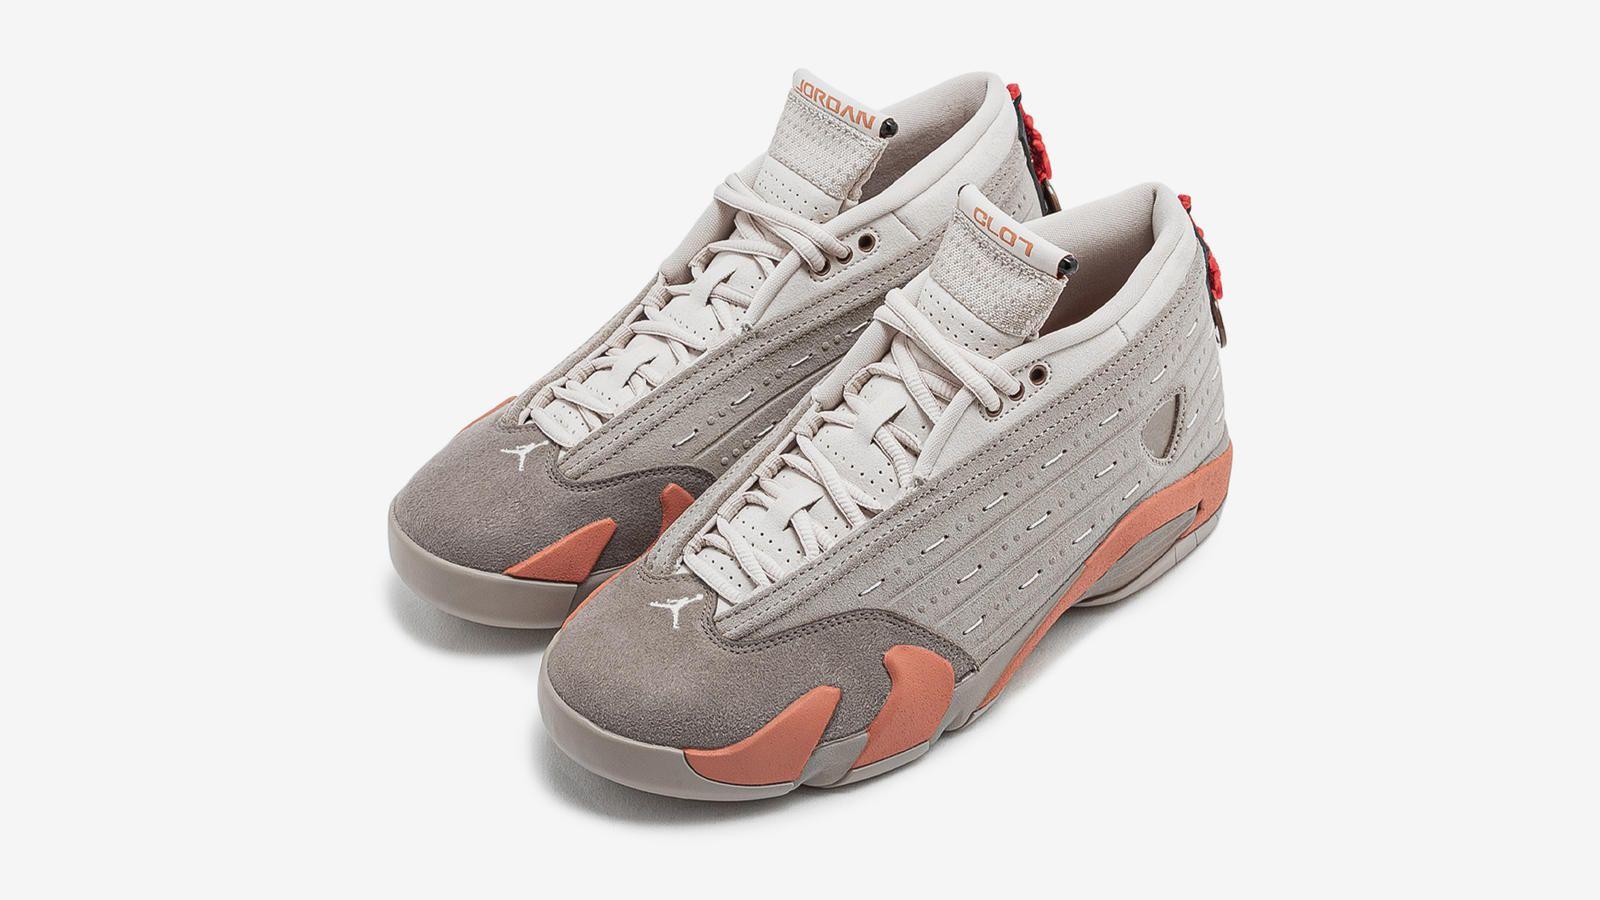 CLOT x Jordan brand sneakers